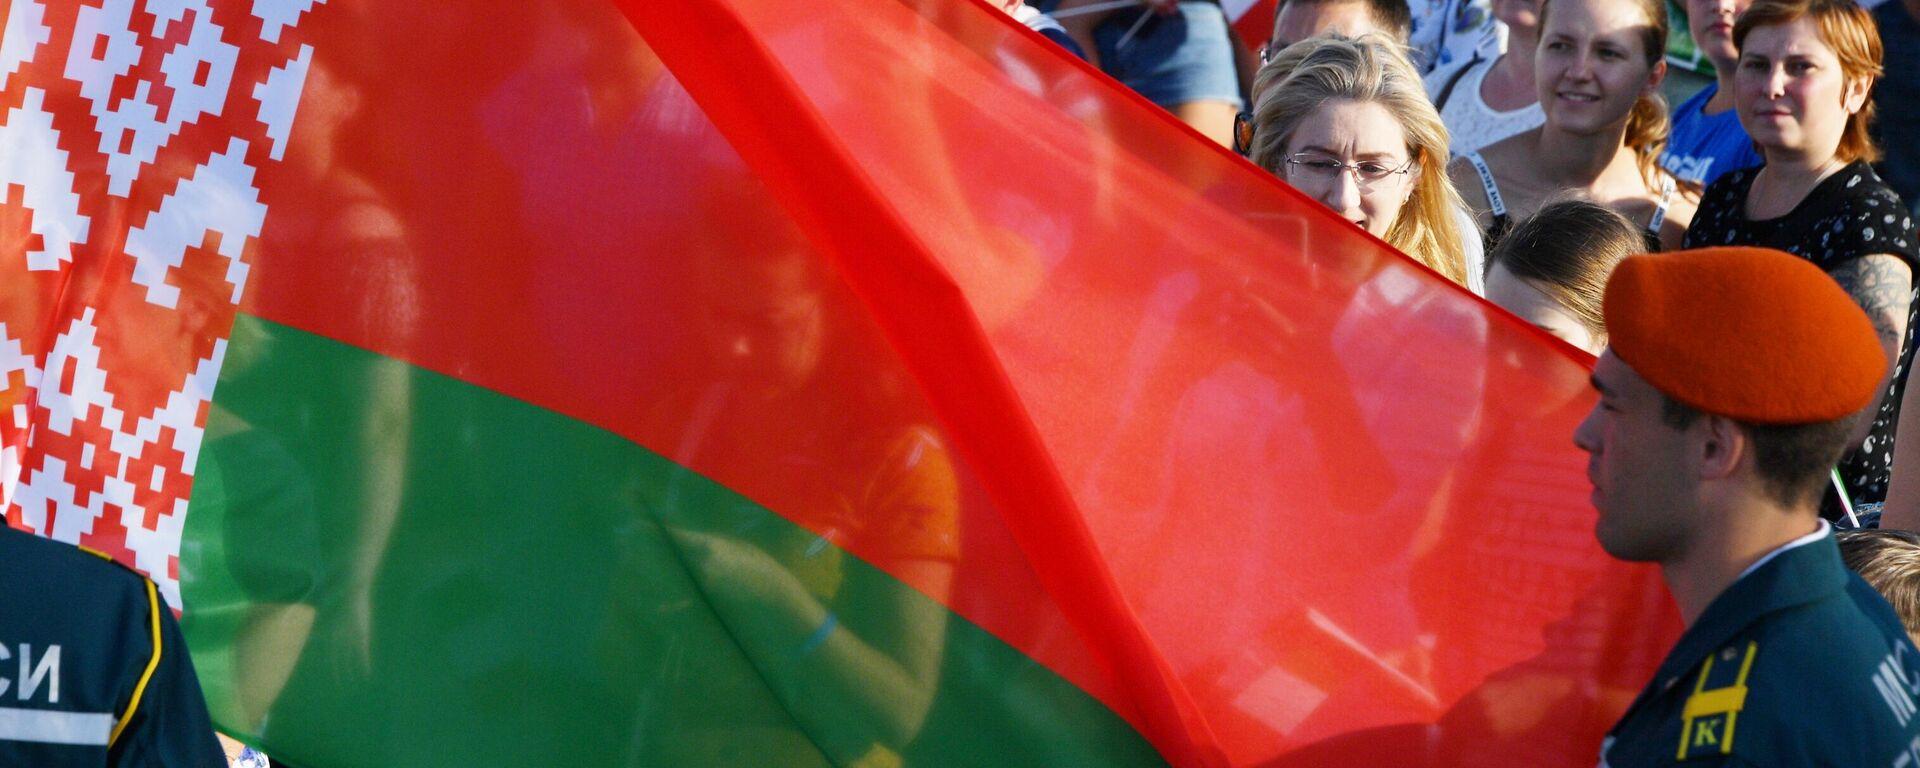 Государственный флаг Беларуси, архивное фото - Sputnik Латвия, 1920, 22.06.2021